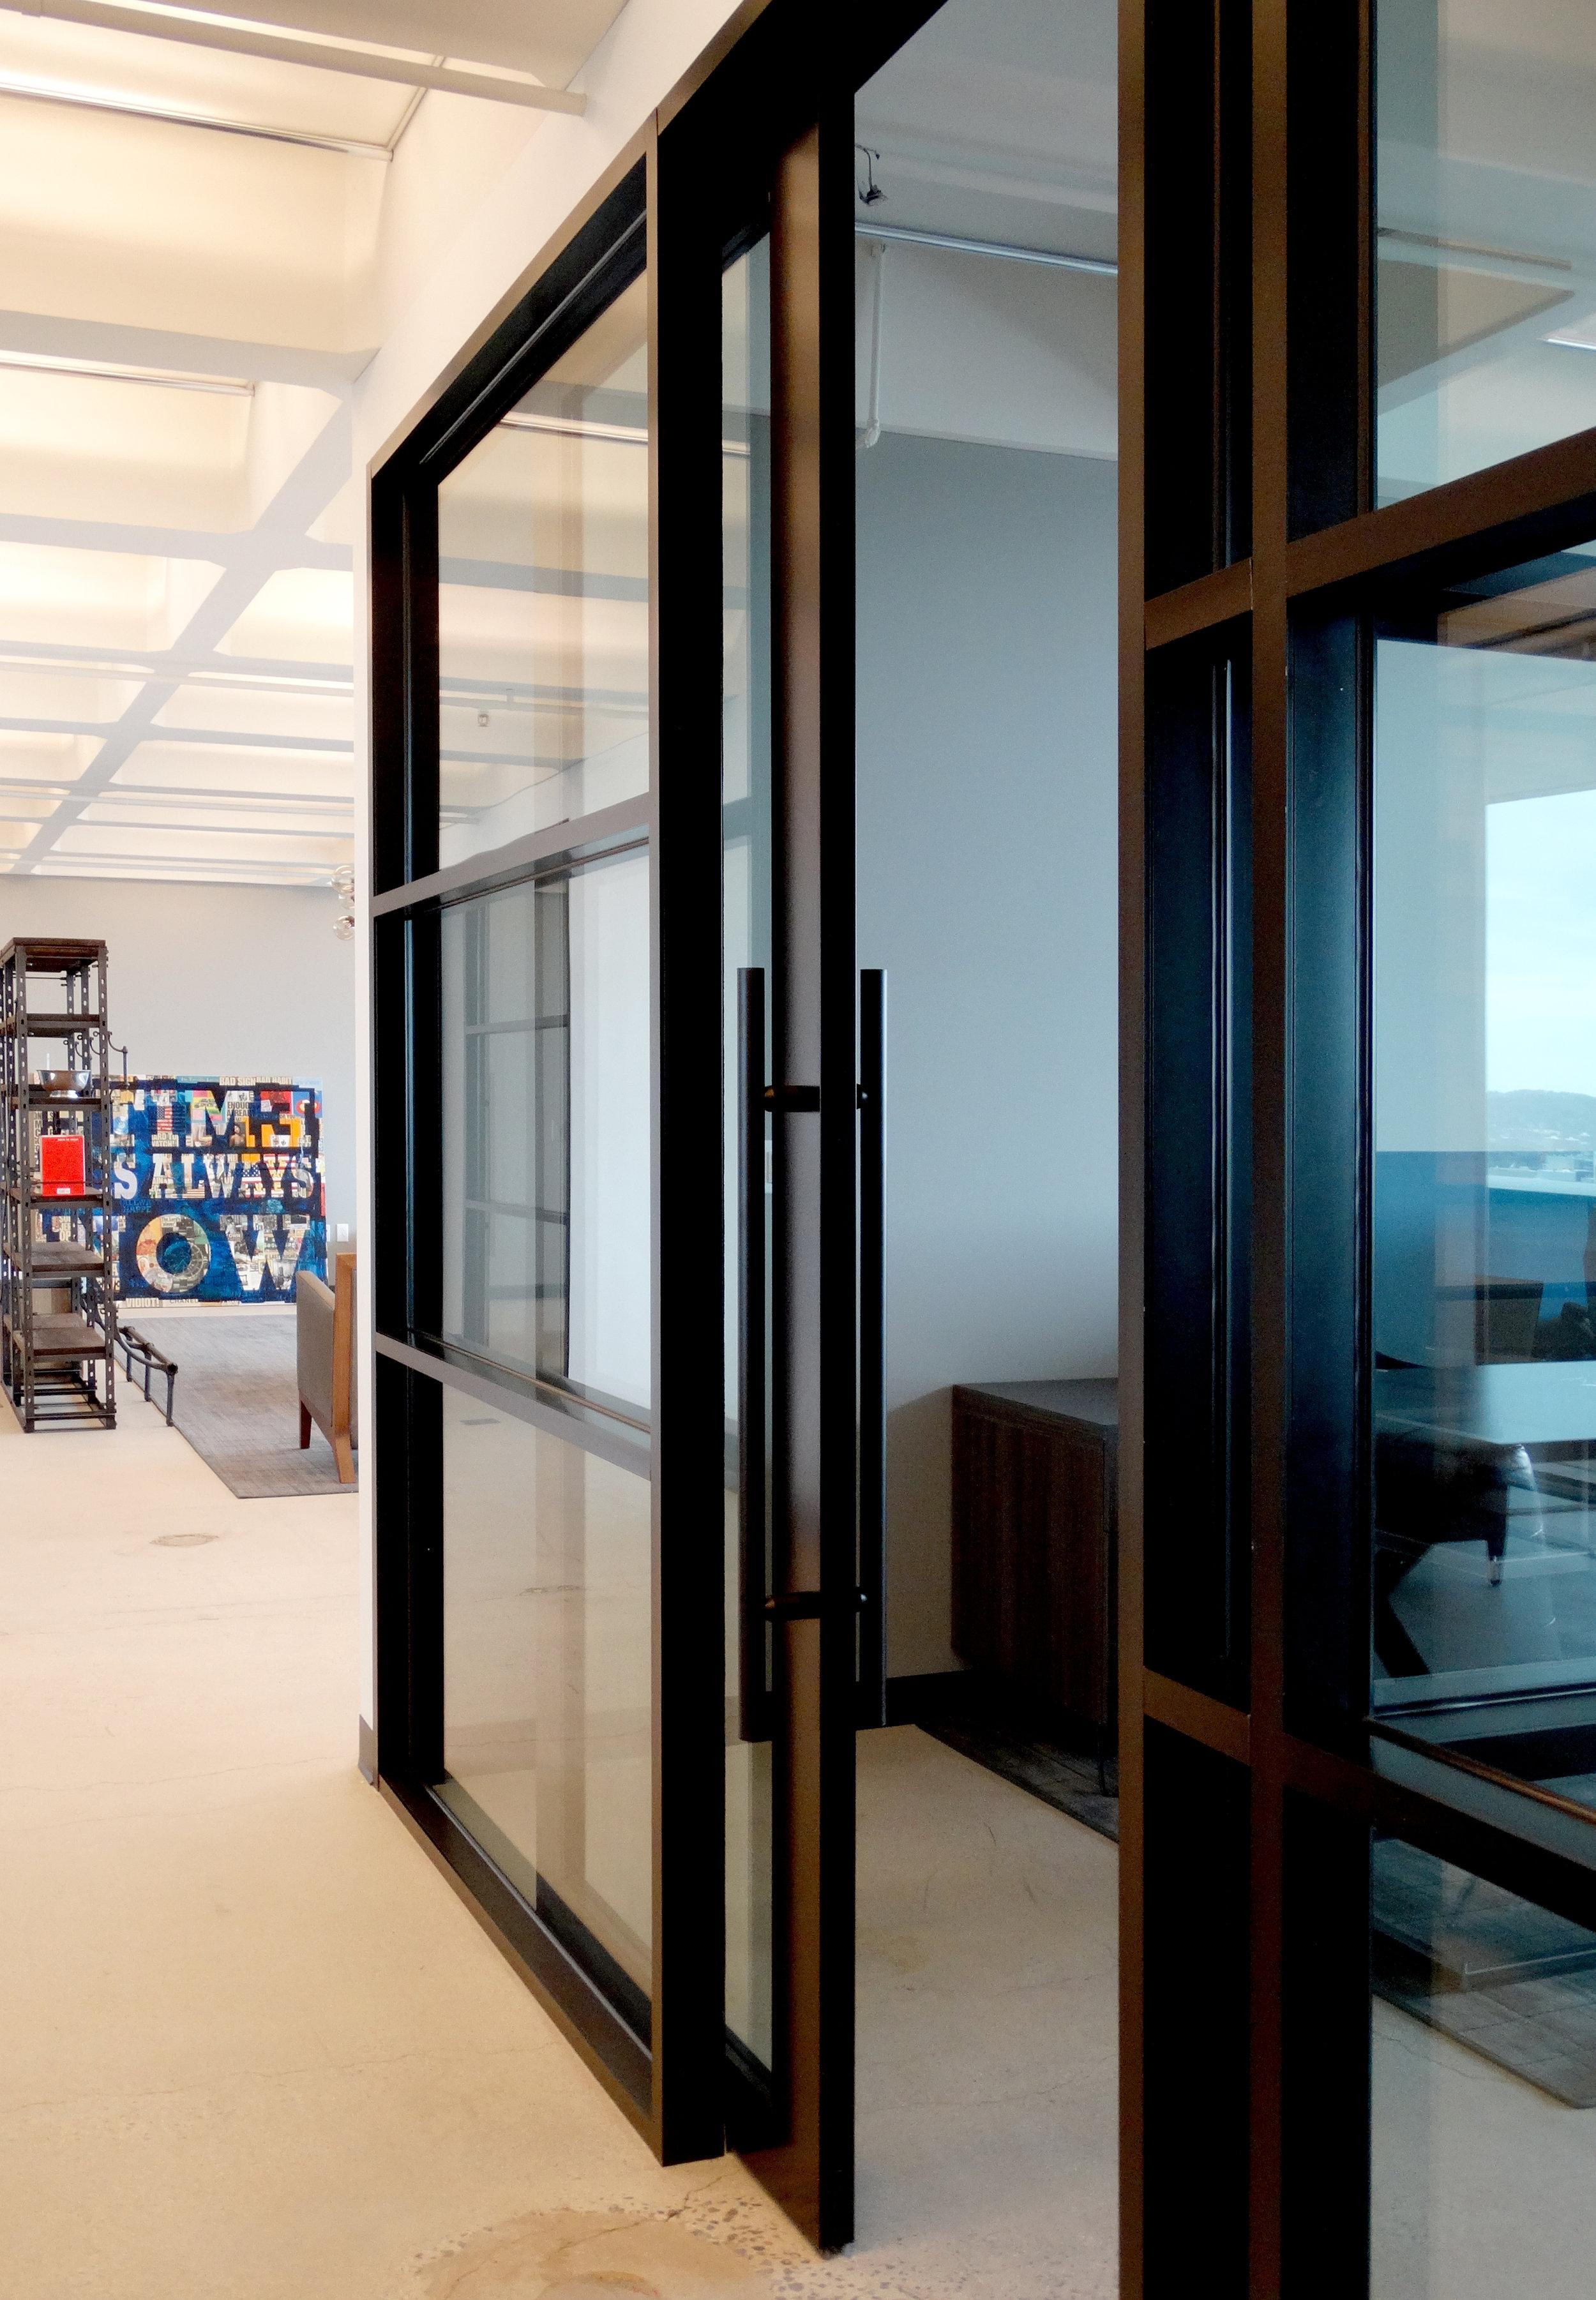 Encase Glass Aluminum Framed Sliding Door Office Wall - Spaceworks AI.JPG